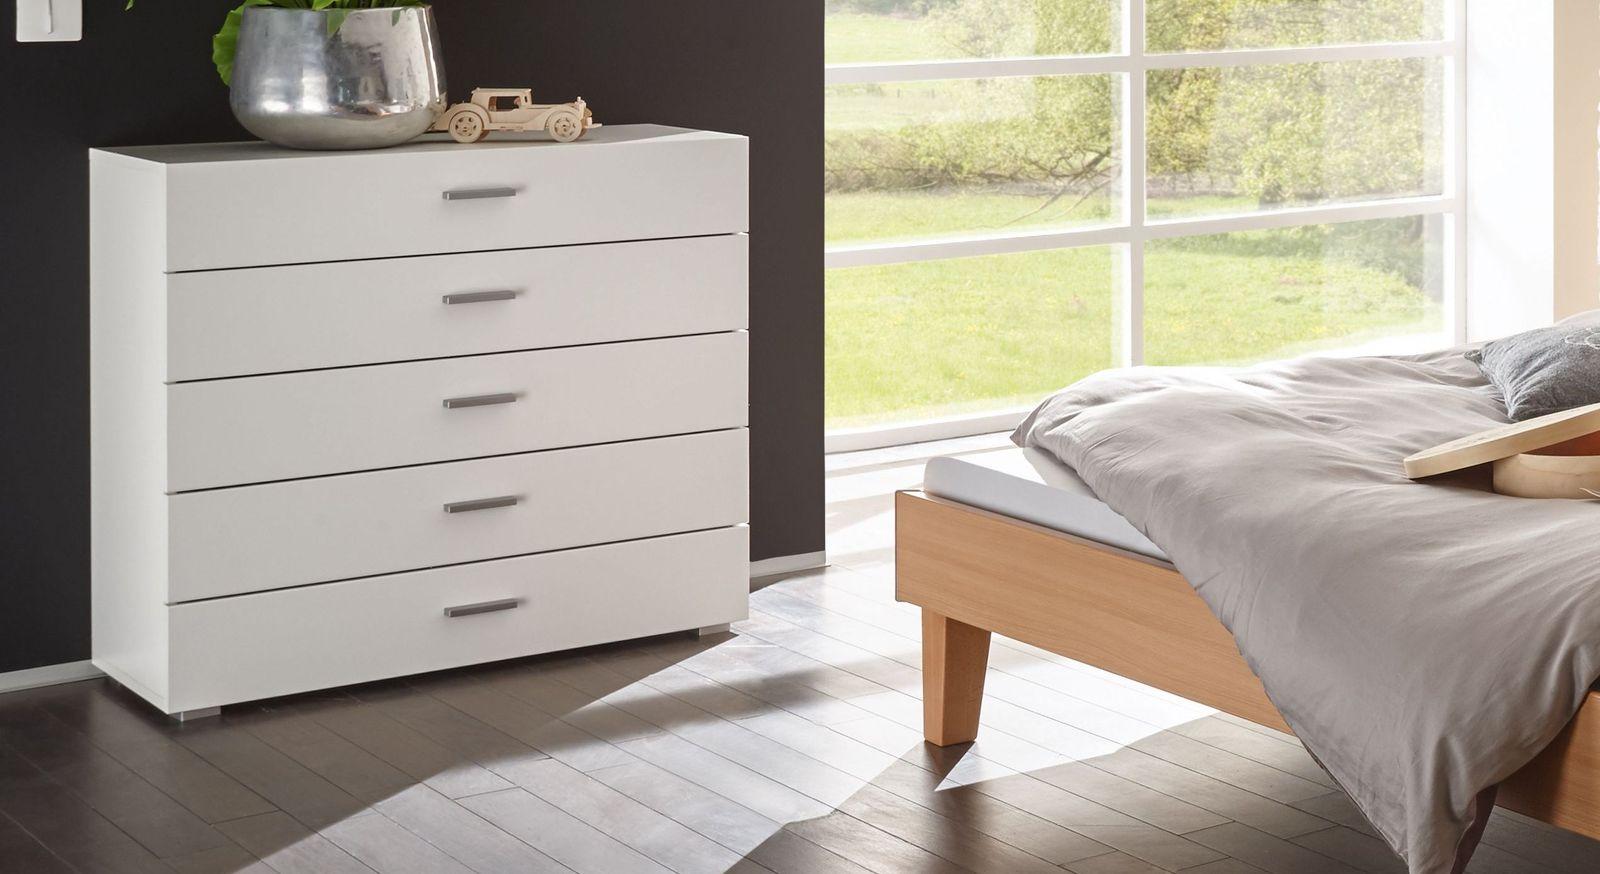 Geraumige Holzkommode Auf Rechnung Kaufen Cubo Betten De